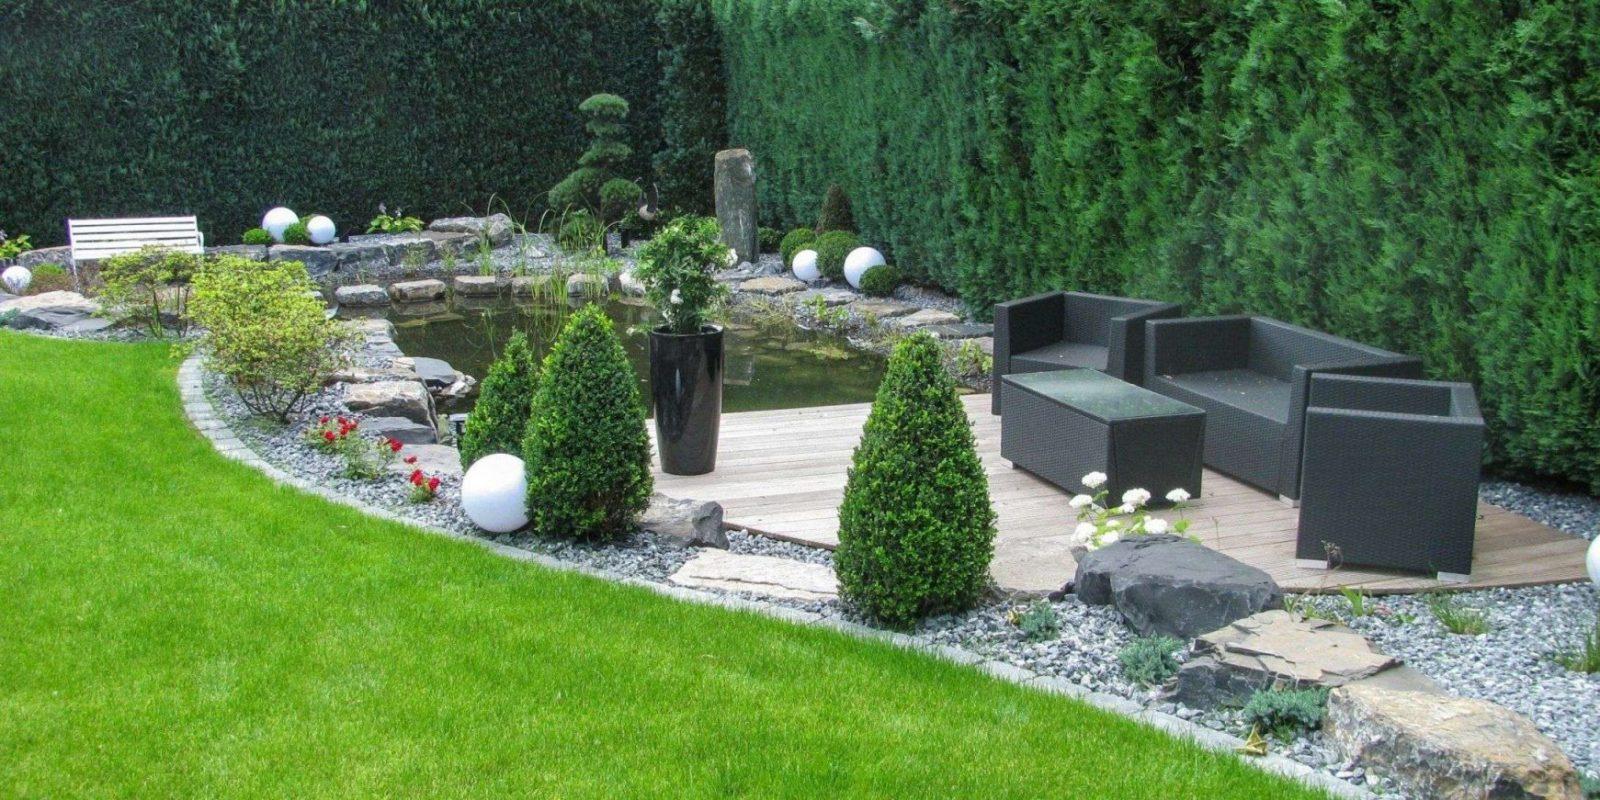 Gartengestaltung Mit Kies Und Holz Design Von Sichtschutz Gräser von Gartengestaltung Mit Gräsern Und Kies Bild